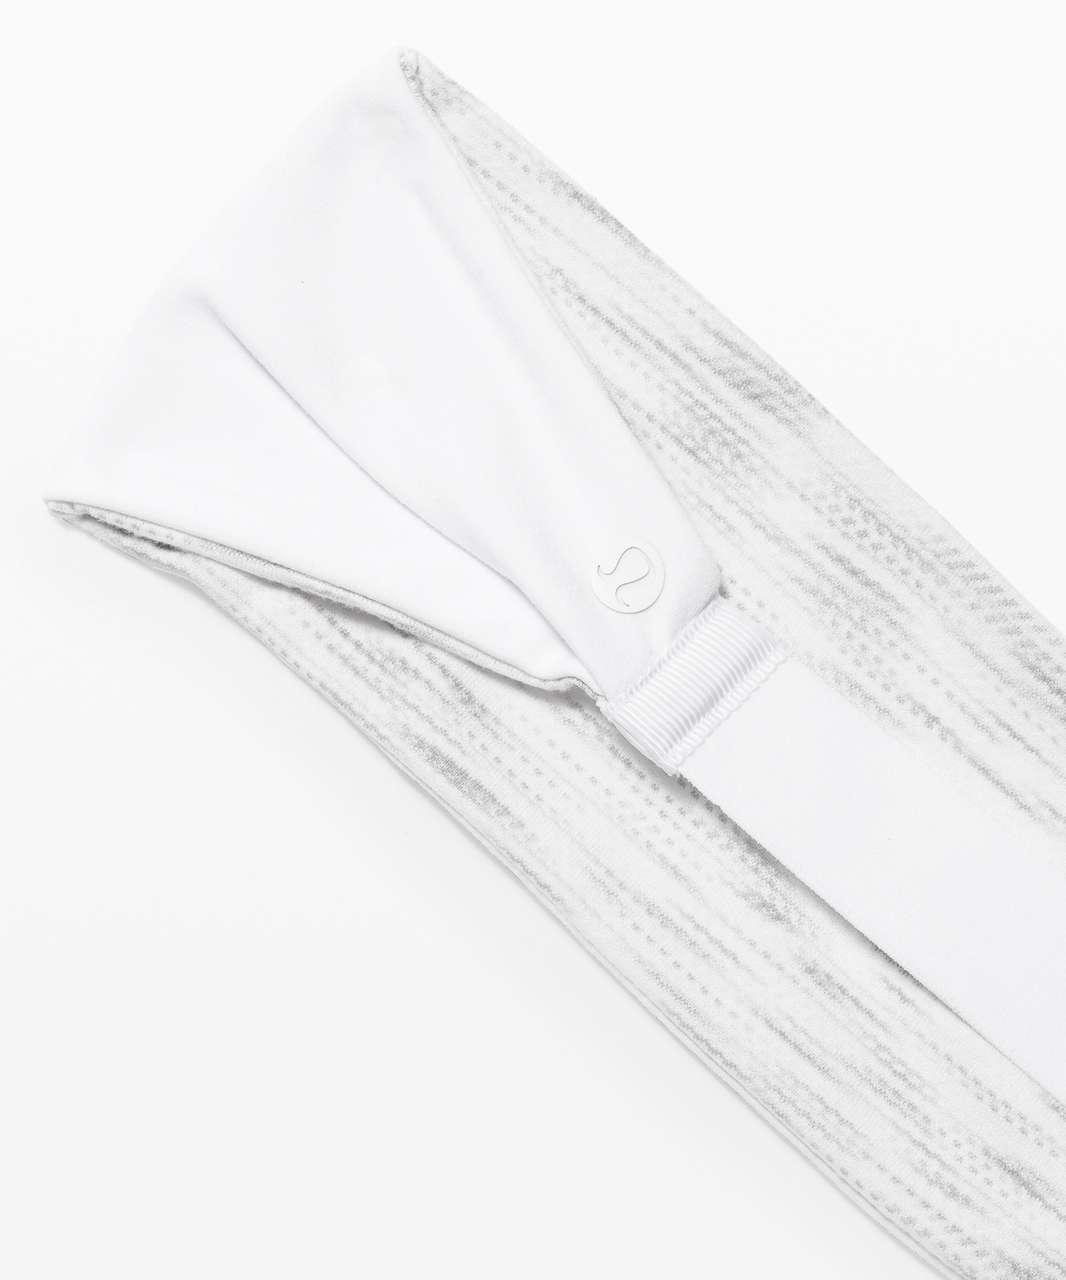 Lululemon Fringe Fighter Headband - White / Tiger Space Dye Hail White